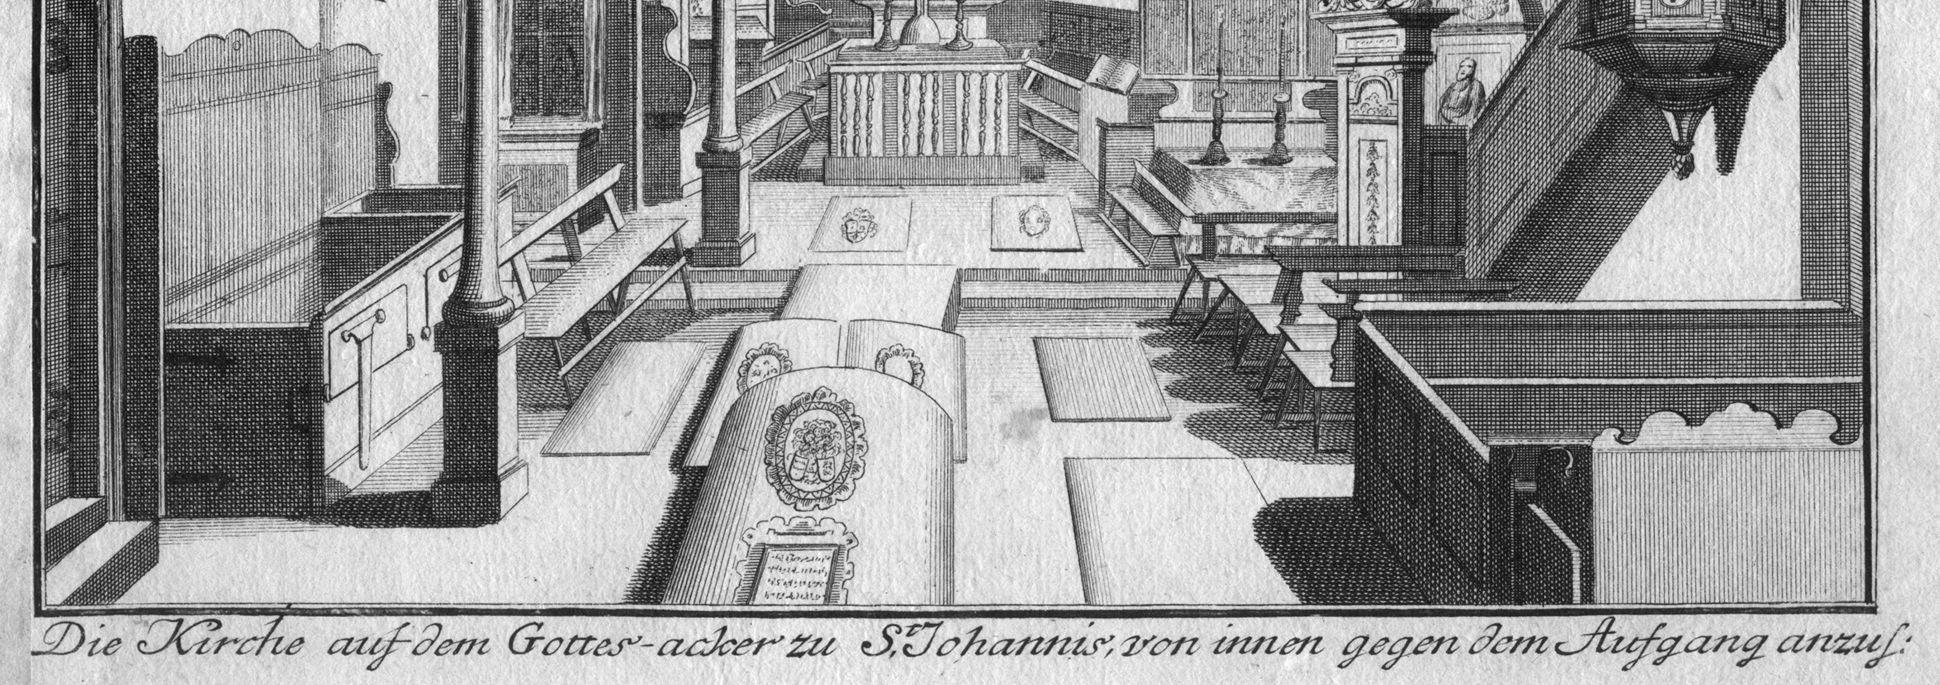 """""""Die Kirche auf dem Gottes-acker zu St. Johannis..."""" Kirchenfußboden mit eingelassenen Grabplatten und Bildlegende"""